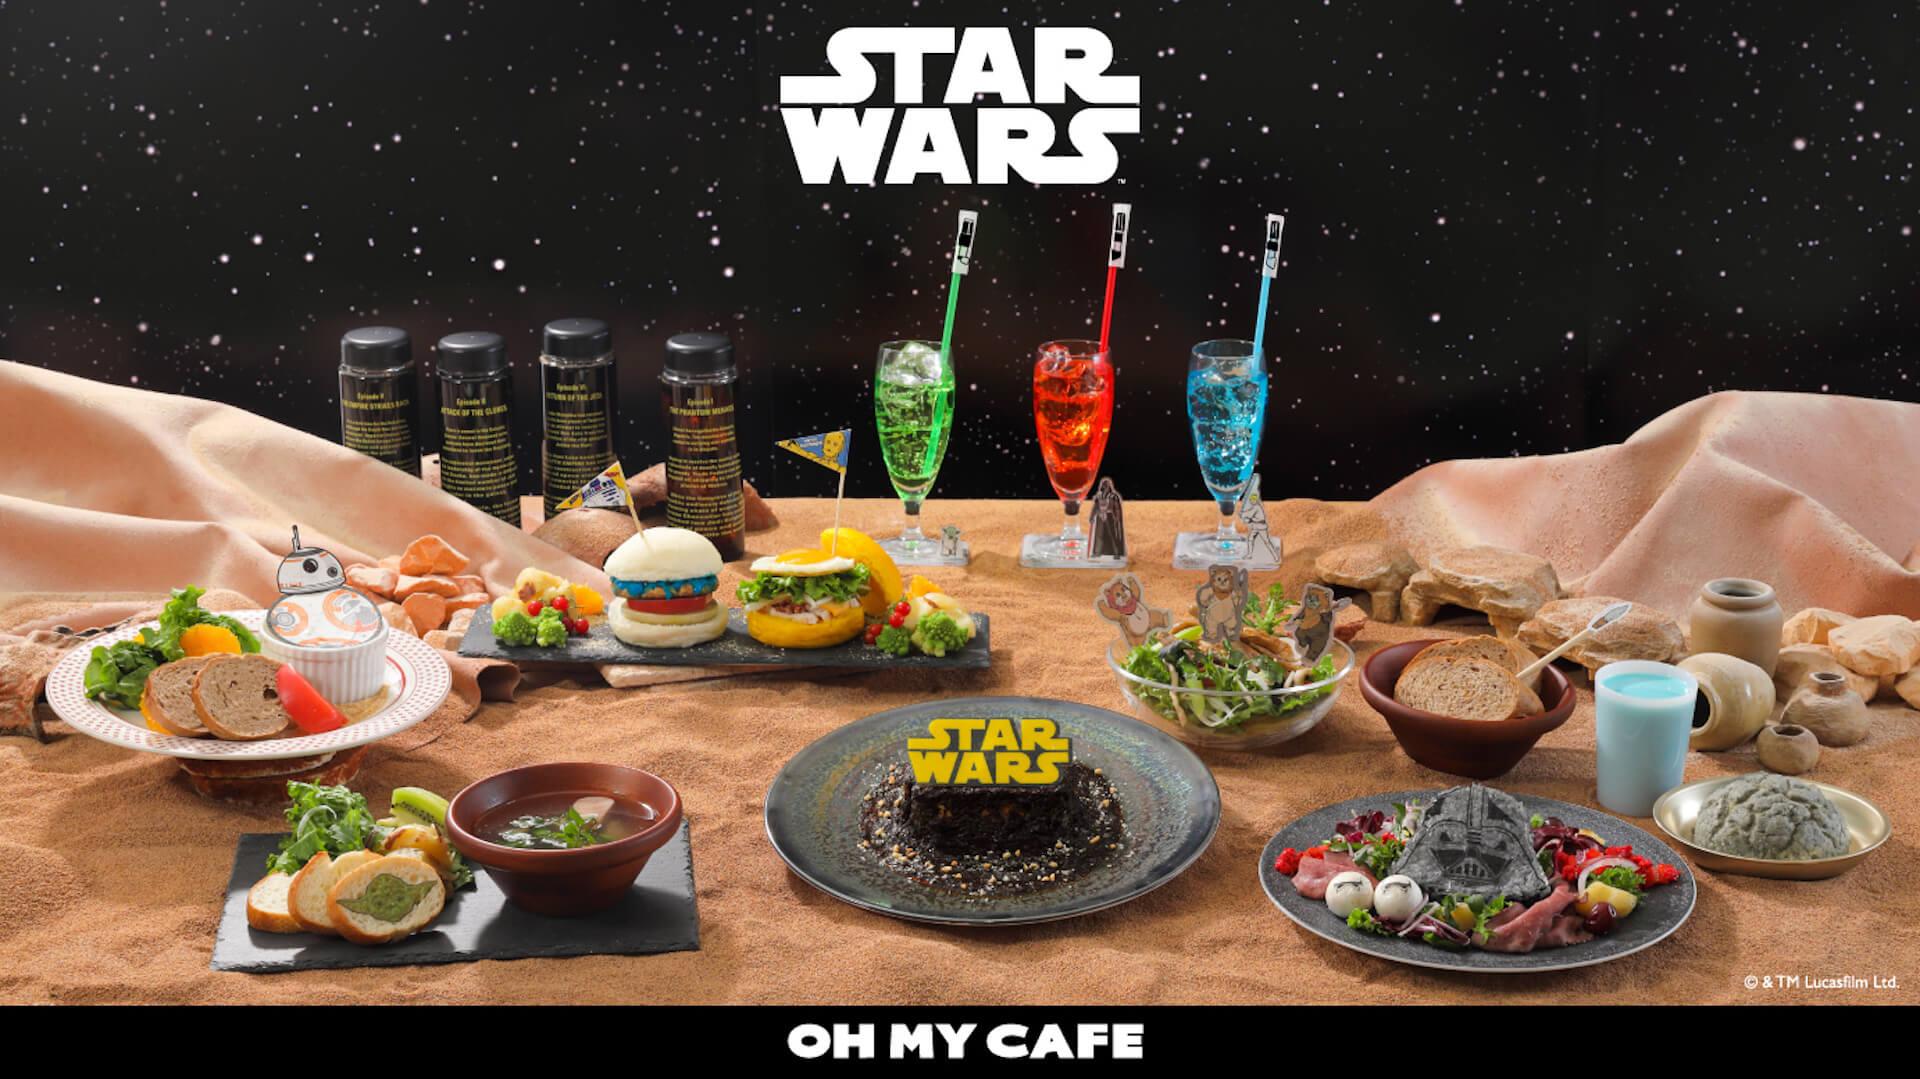 「スター・ウォーズ」シリーズの人気キャラたちがグルメとなって登場!『スター・ウォーズ/スカイウォーカーの夜明け』公開記念OH MY CAFE限定オープン gourmet200110_starwars_cafe_15